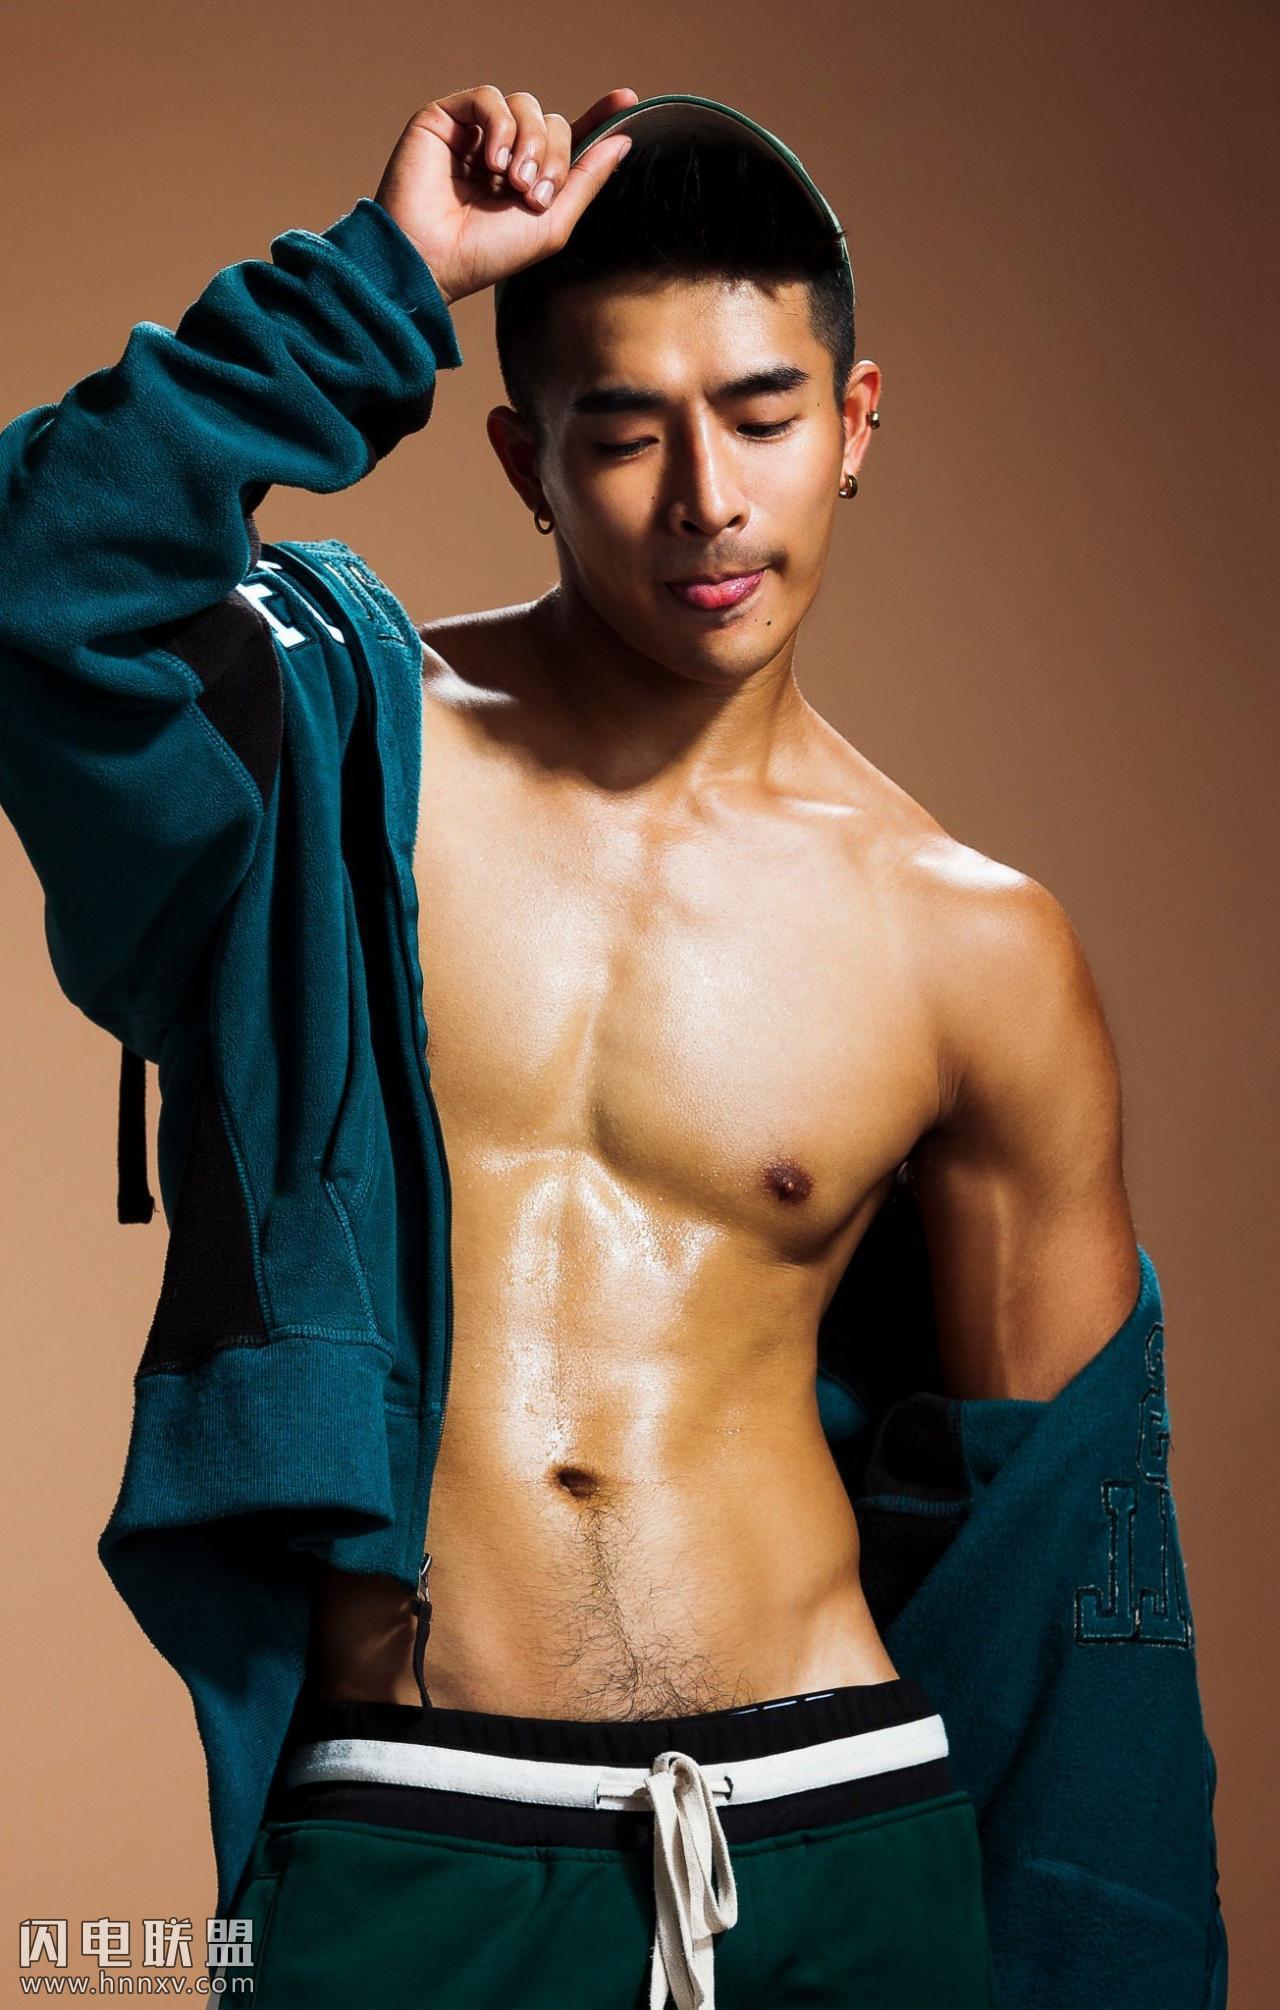 性感肌肉男模写真